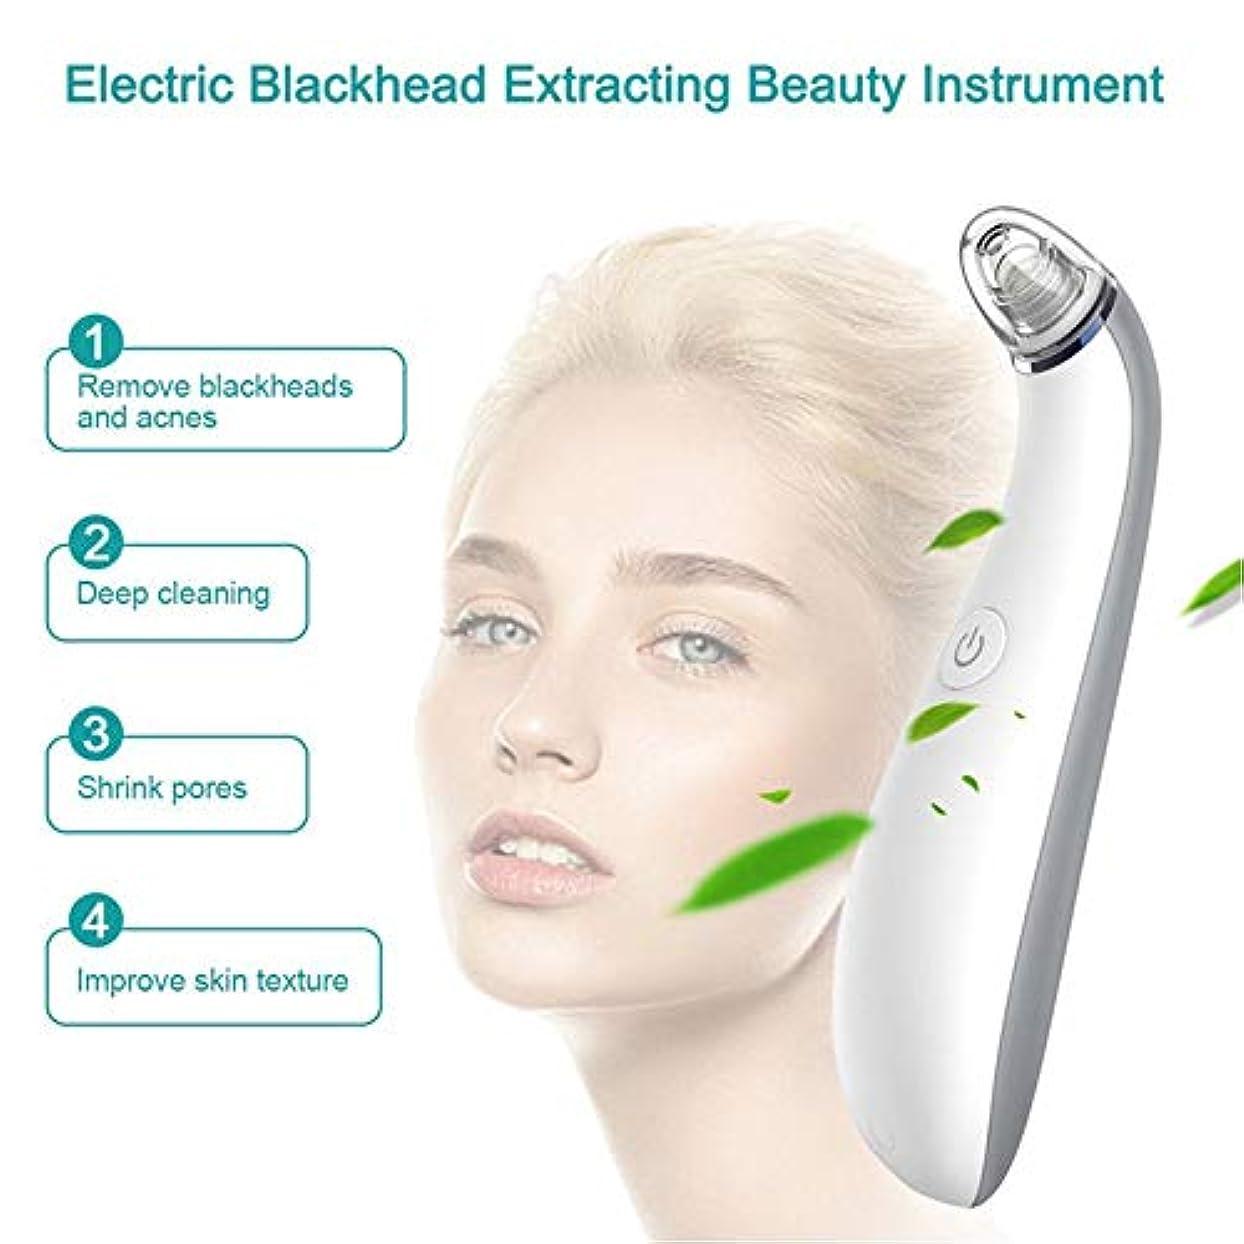 クローゼット乳白色クライストチャーチ気孔の真空の深くきれいな、皮膚健康のための電気顔の安定した吸引のスキンケア用具4取り替え可能な吸引の頭部USB再充電可能